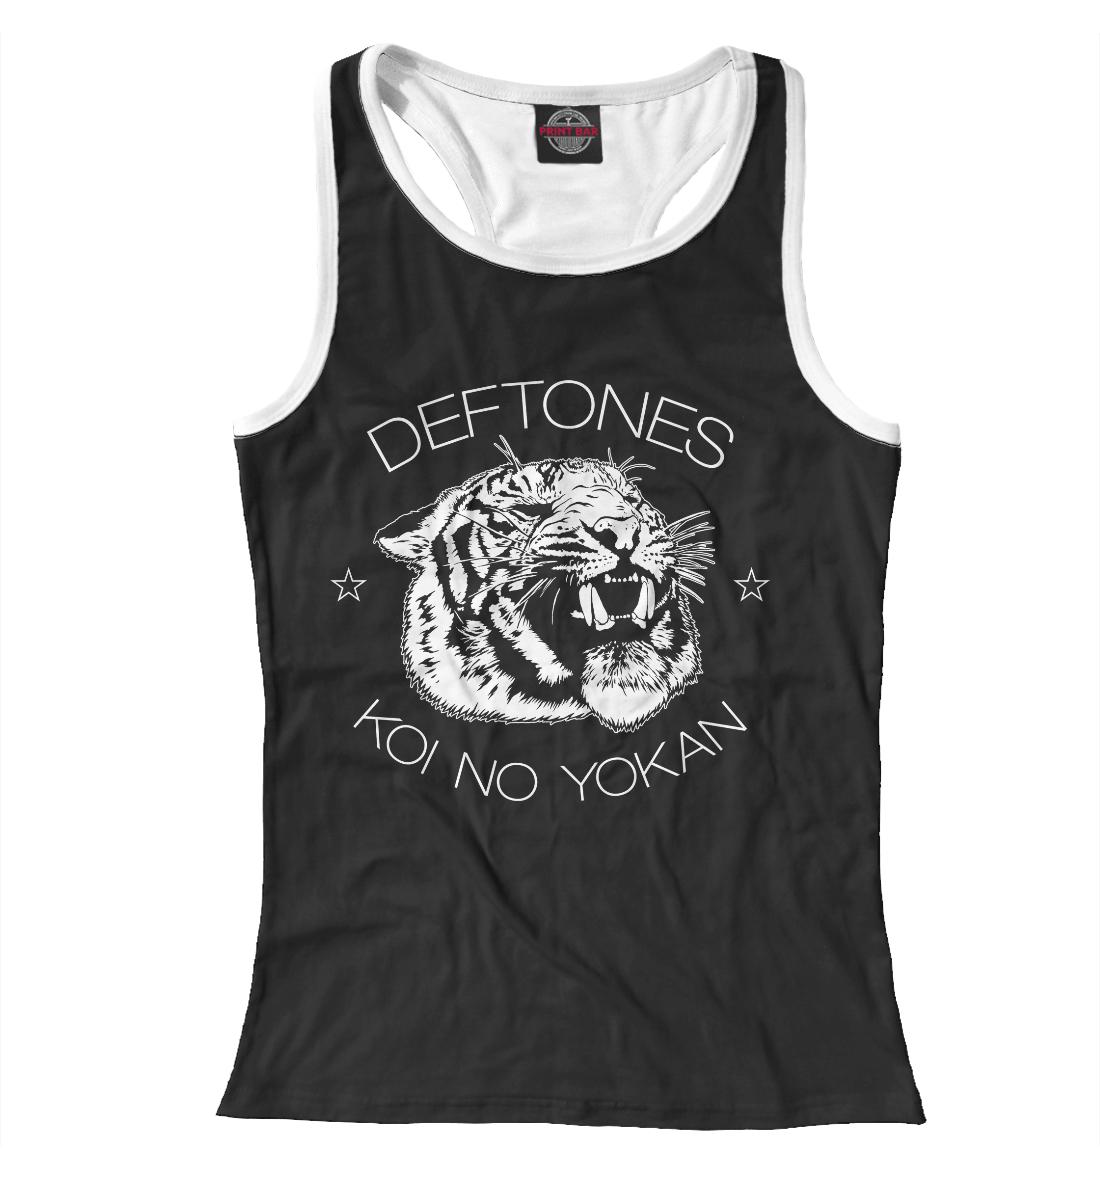 Купить Deftones, Printbar, Майки борцовки, MZK-703142-mayb-1